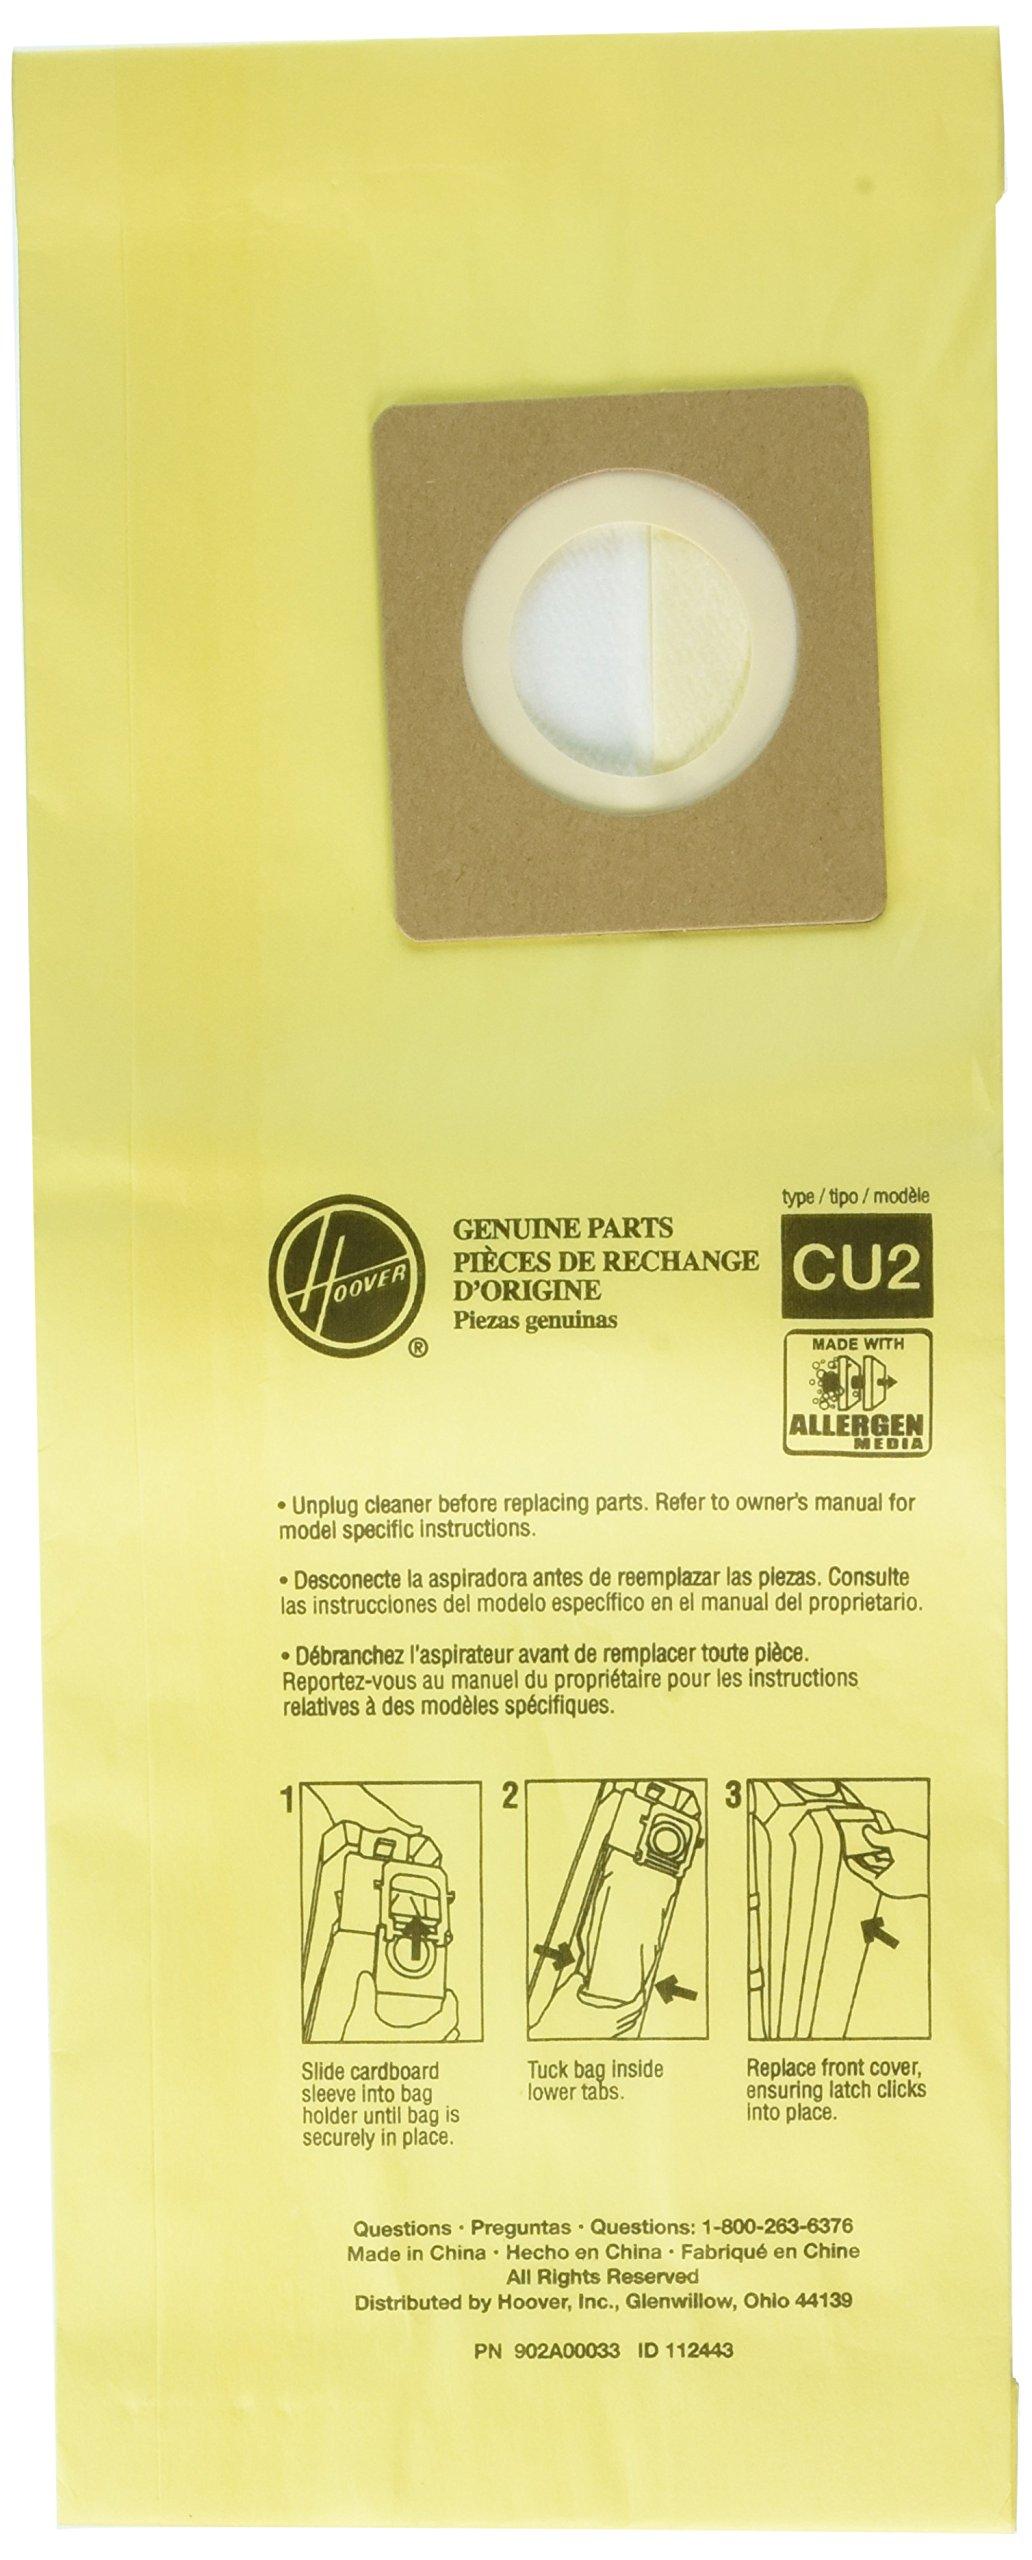 Hoover AH10243 Paper Bag, Allergen Filtration Hushtone 10 Pk